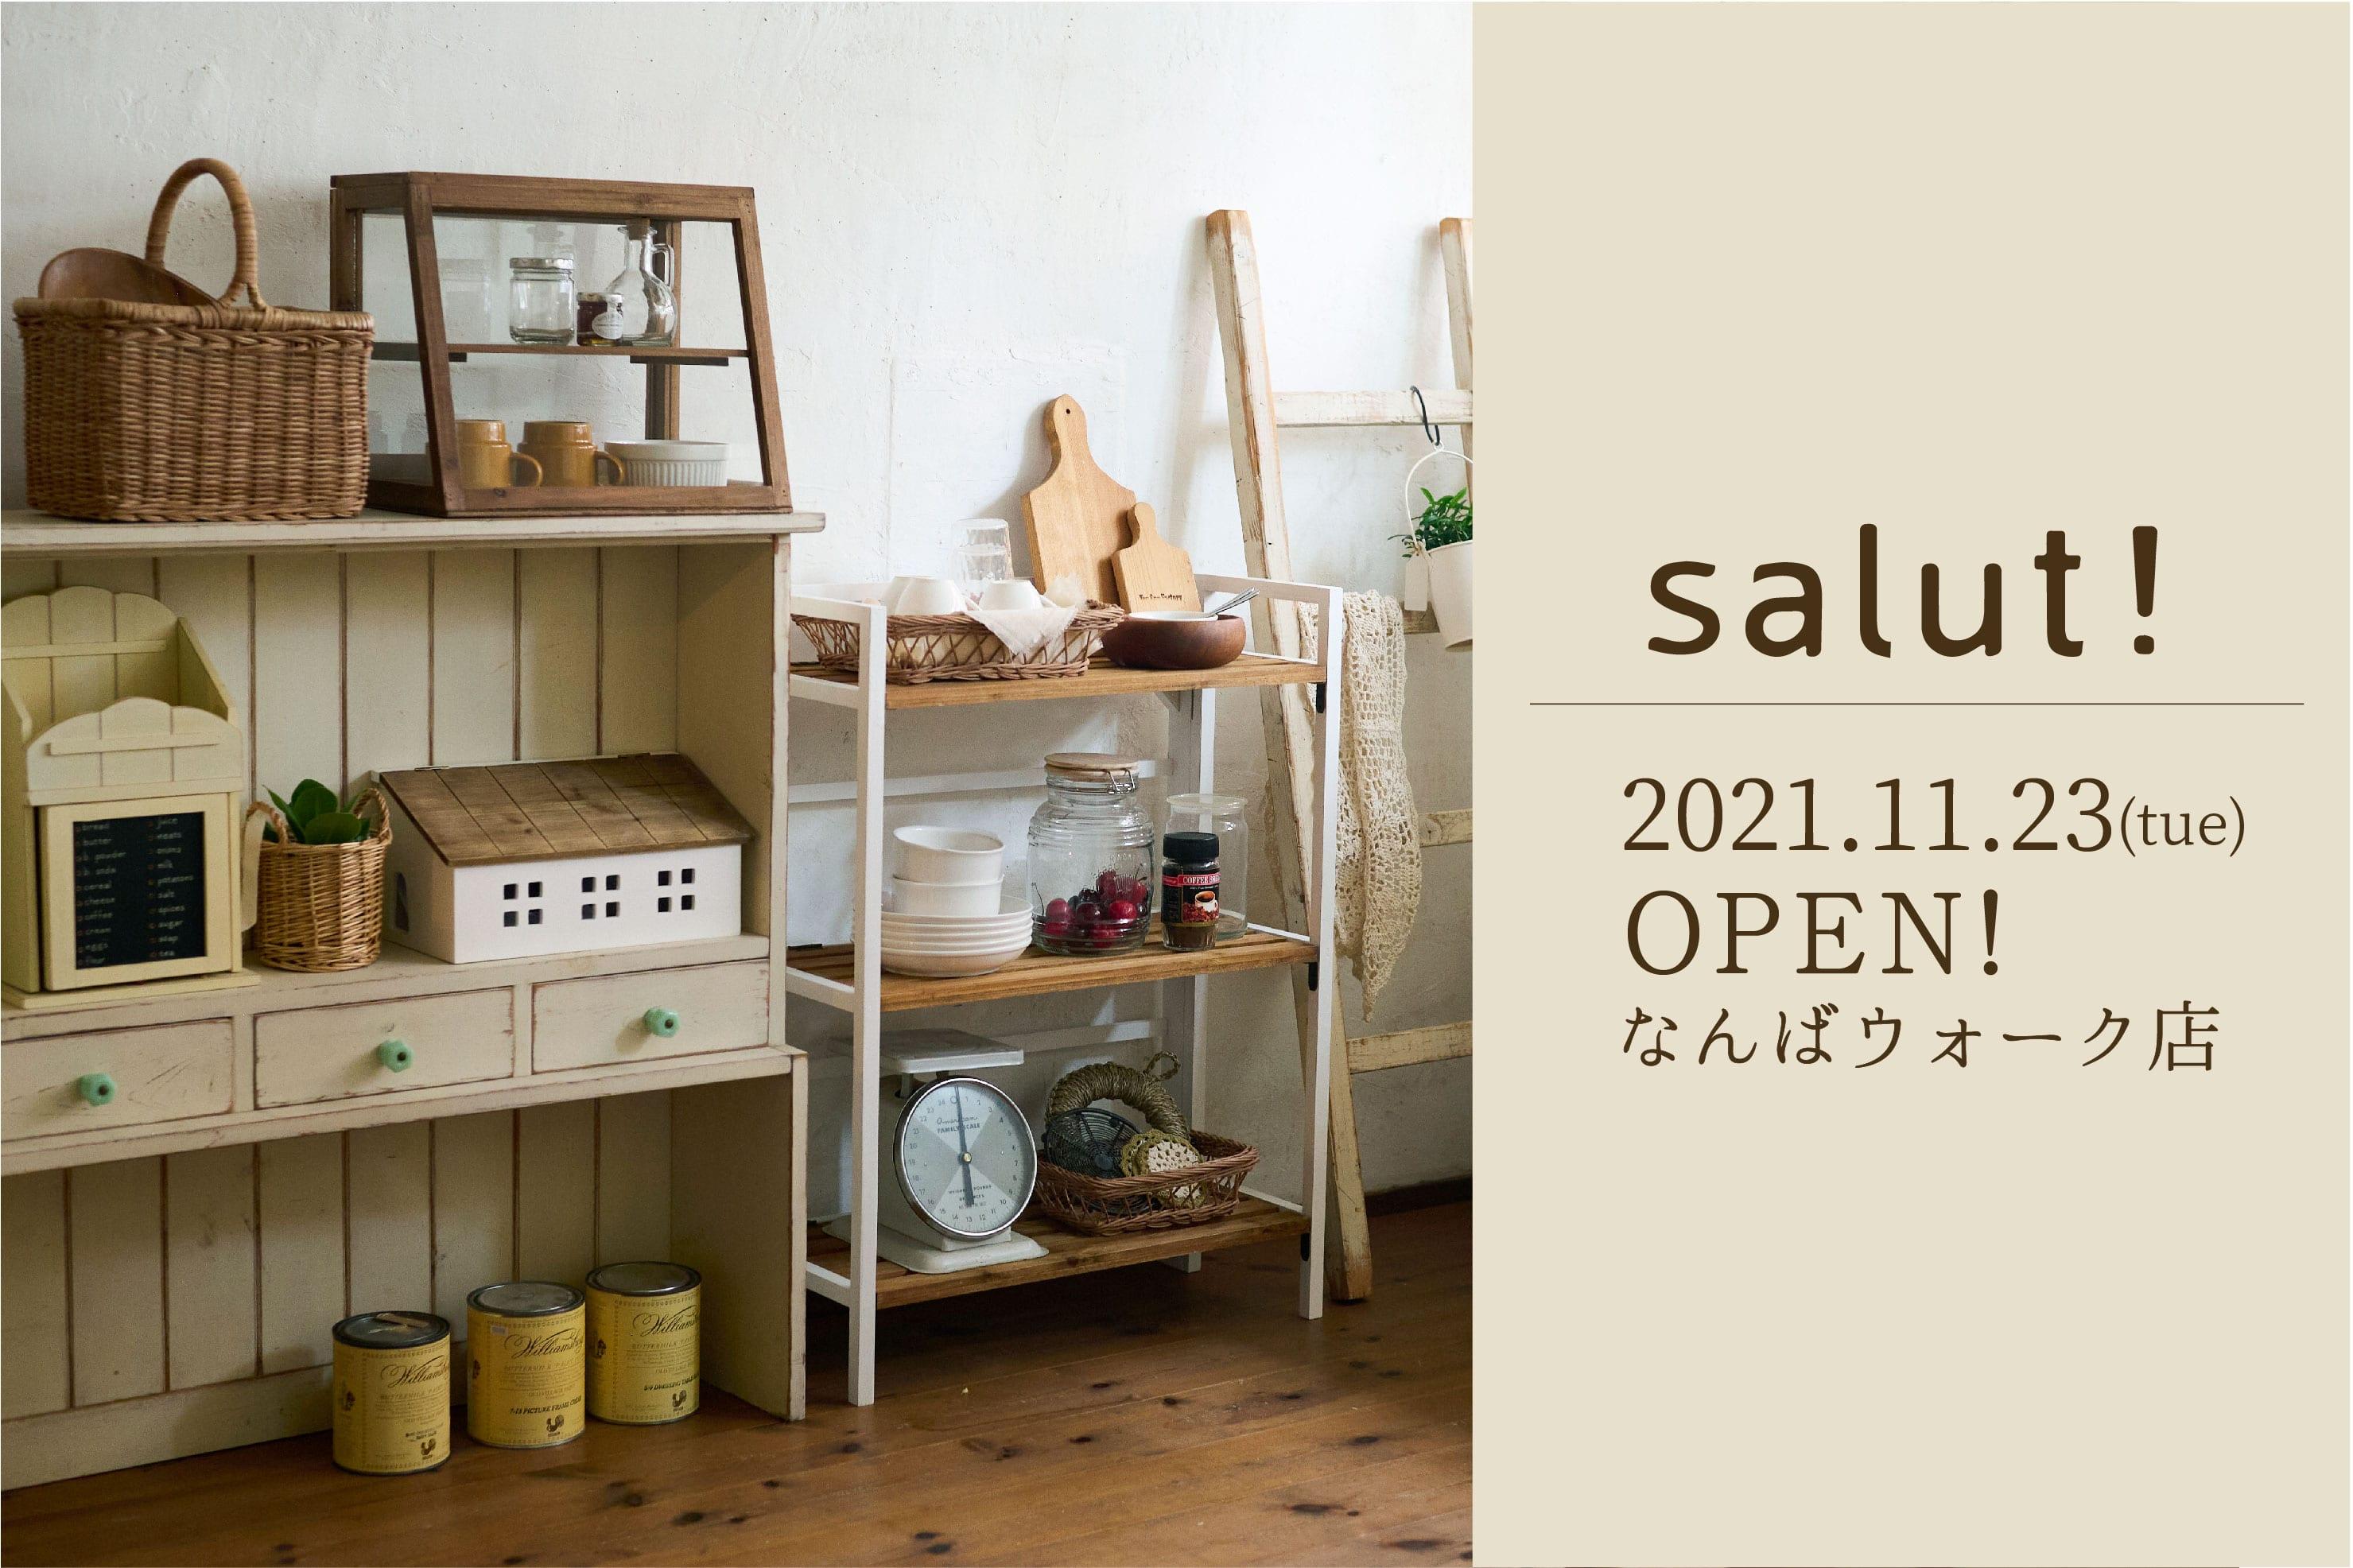 salut! 【新店舗オープンのお知らせ】salut!なんばウォーク店